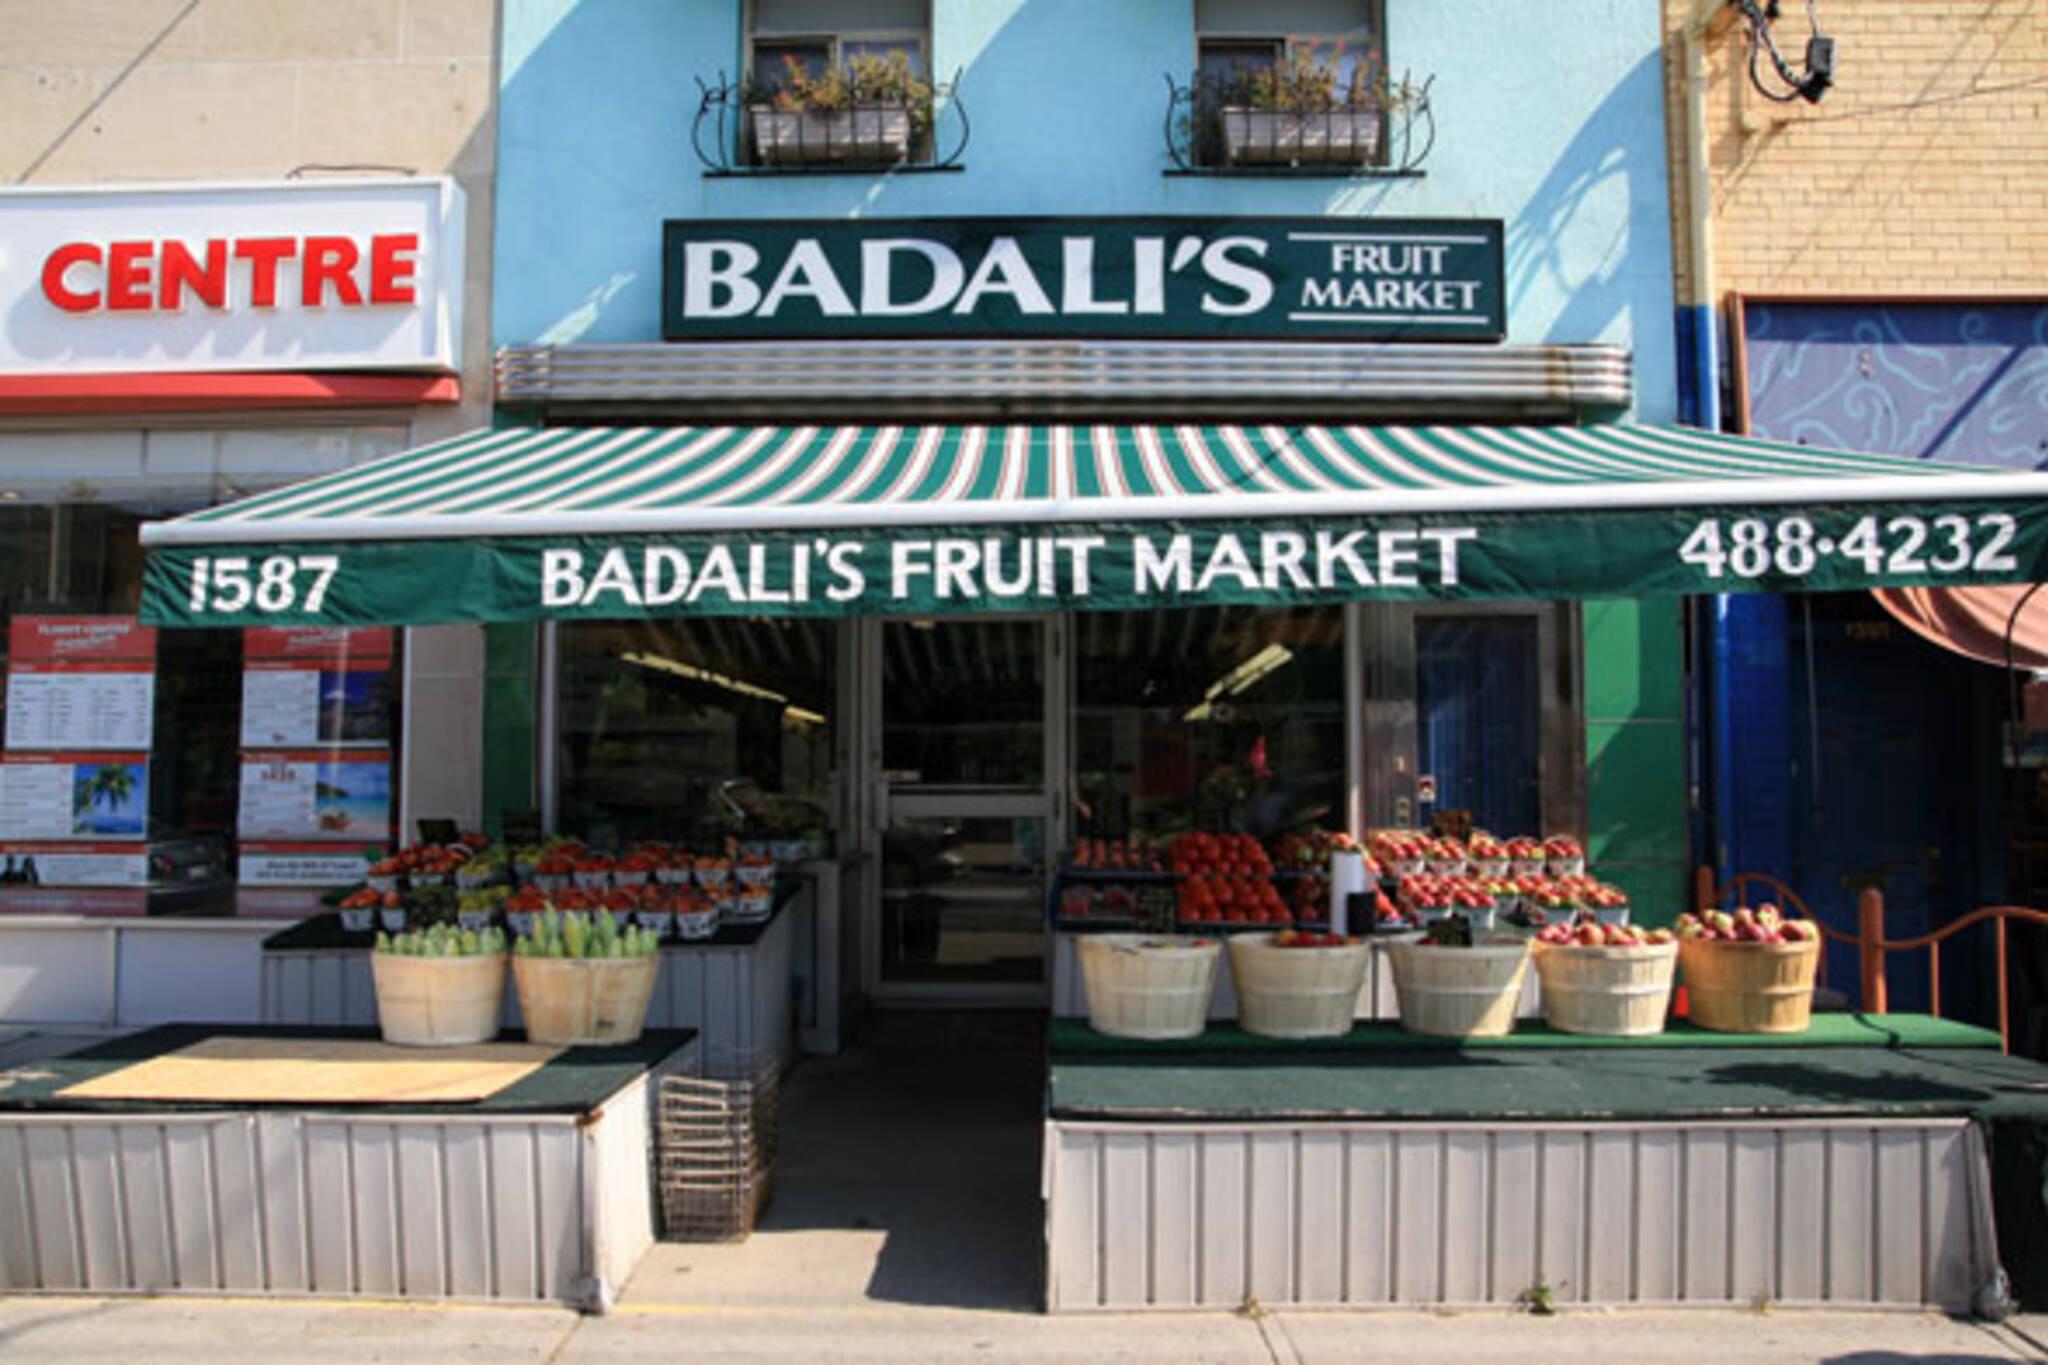 Badali's